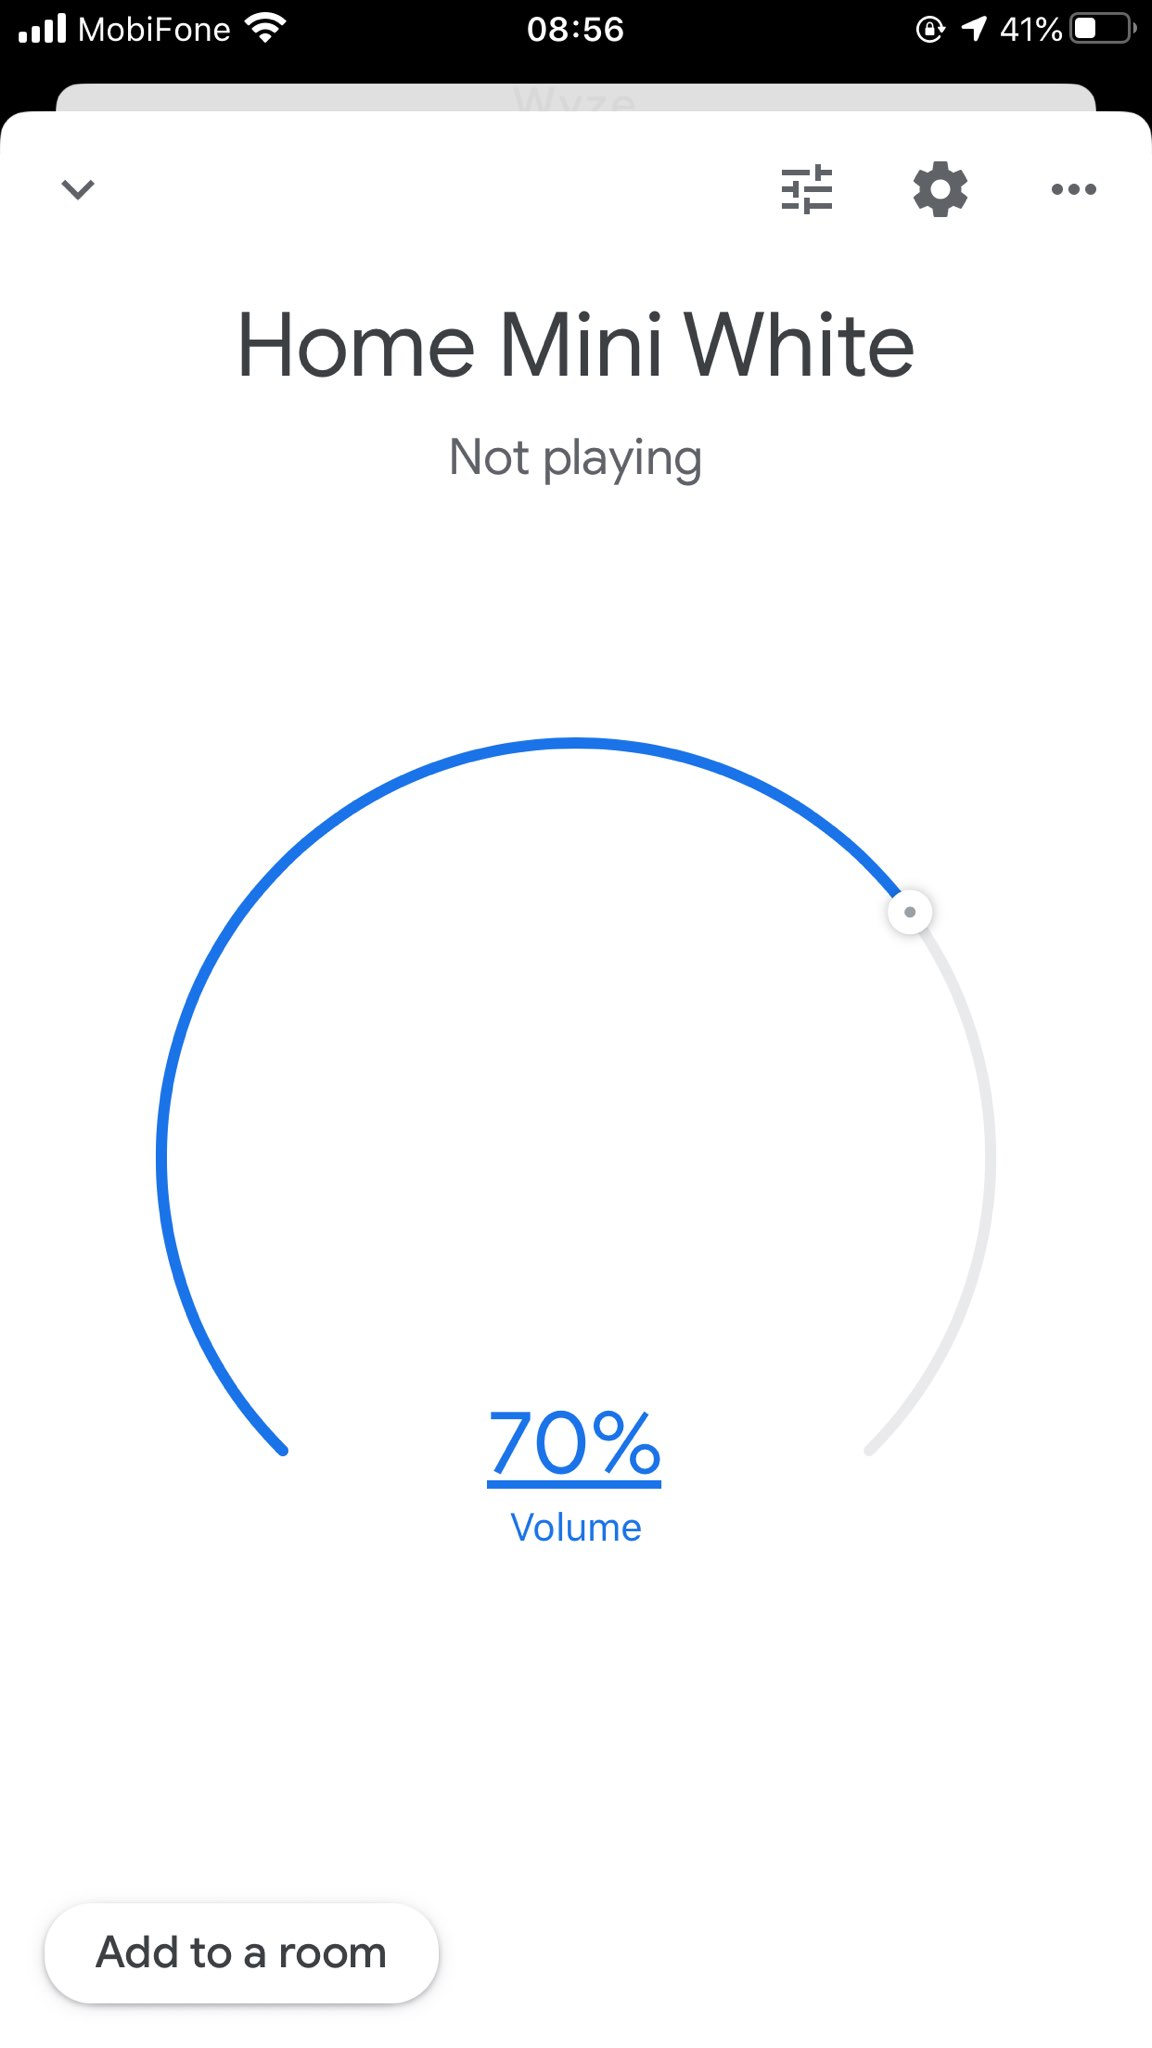 6 cách nghe nhạc miễn phí từ mọi loa thông minh Google